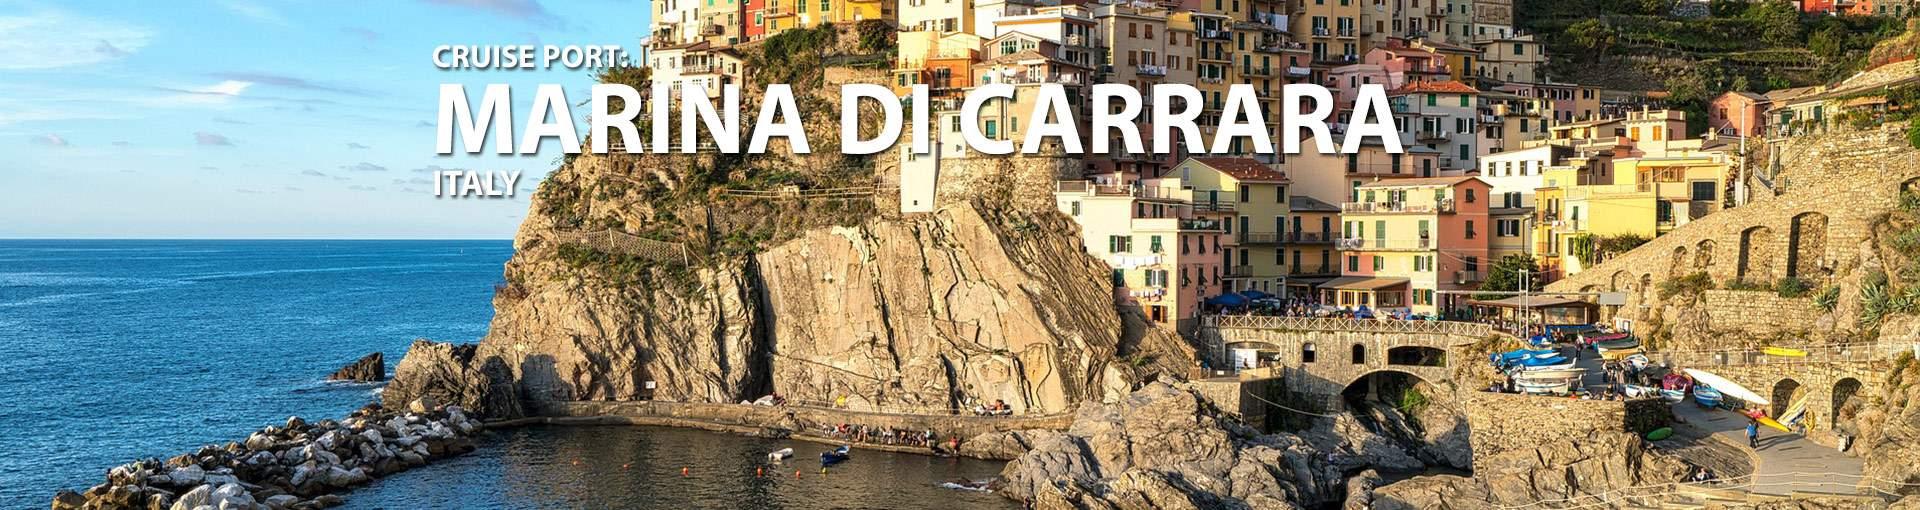 Marina di Carrara, Italy Cruise Port